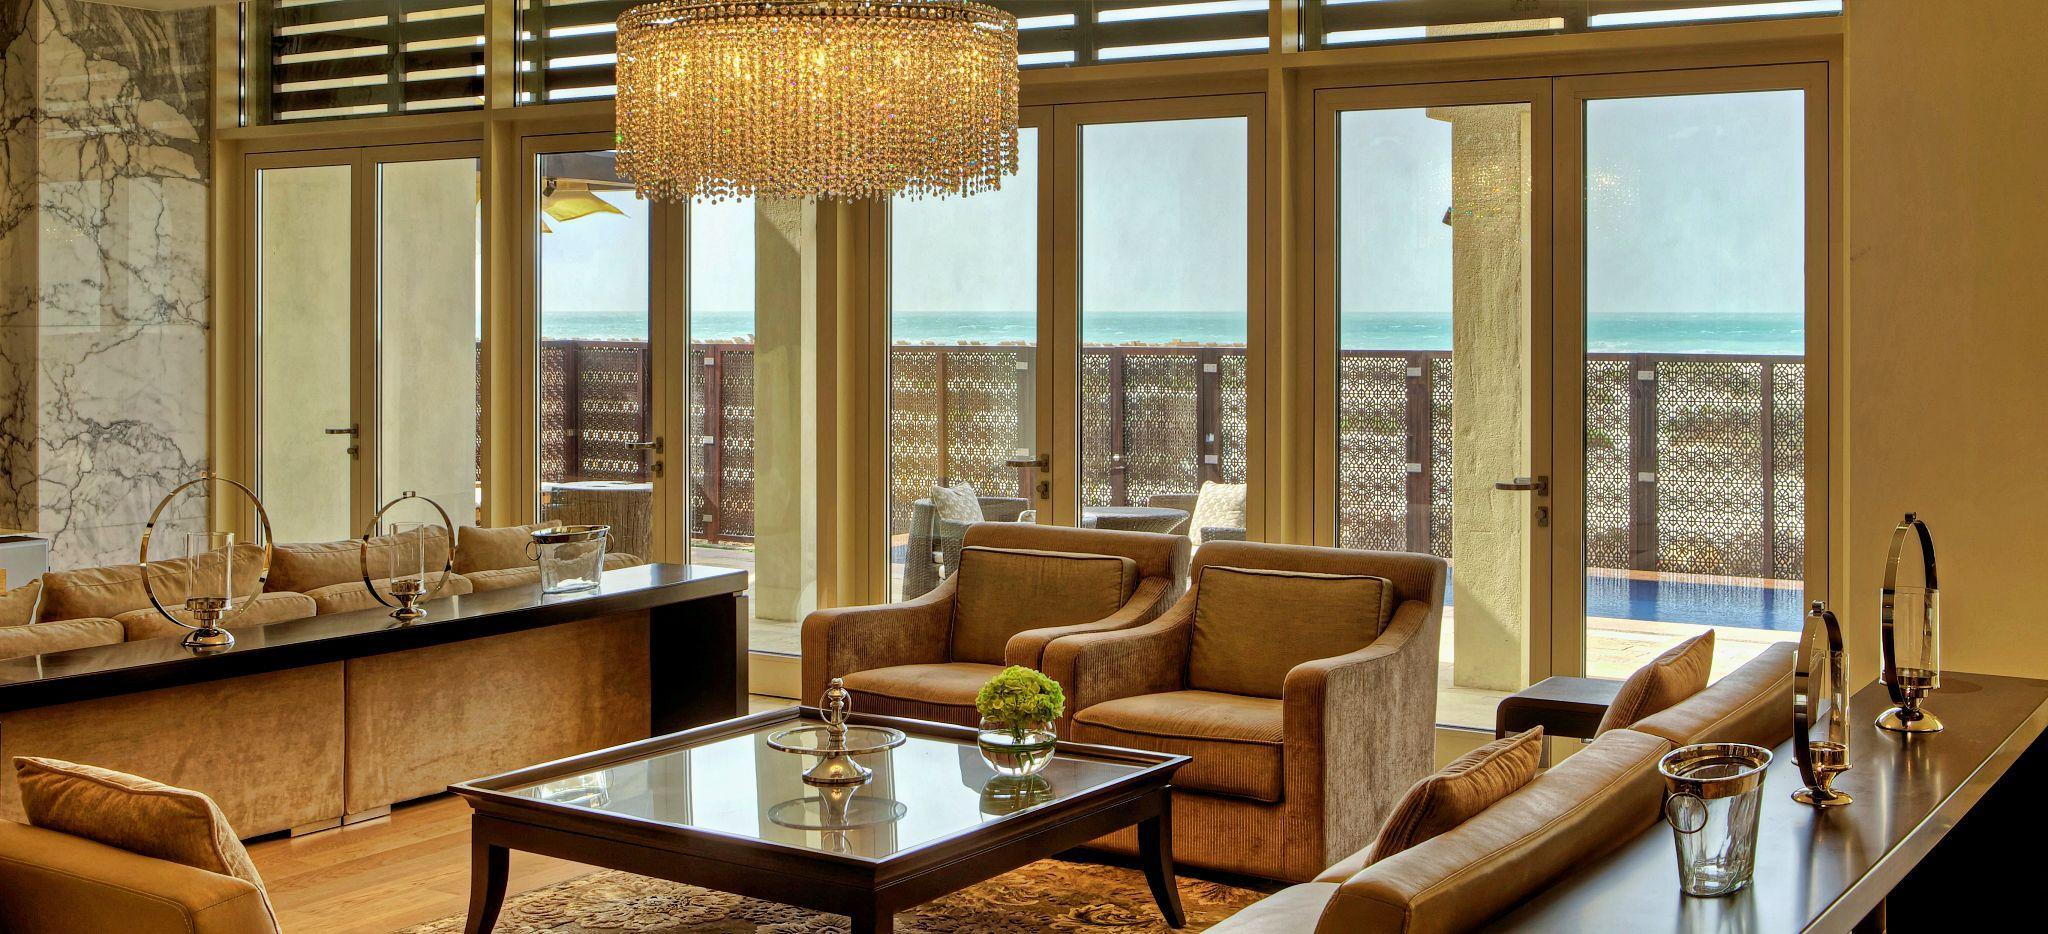 Wohnzimmer der Royal Villa im Hotel Park Hyatt Abu Dhabi